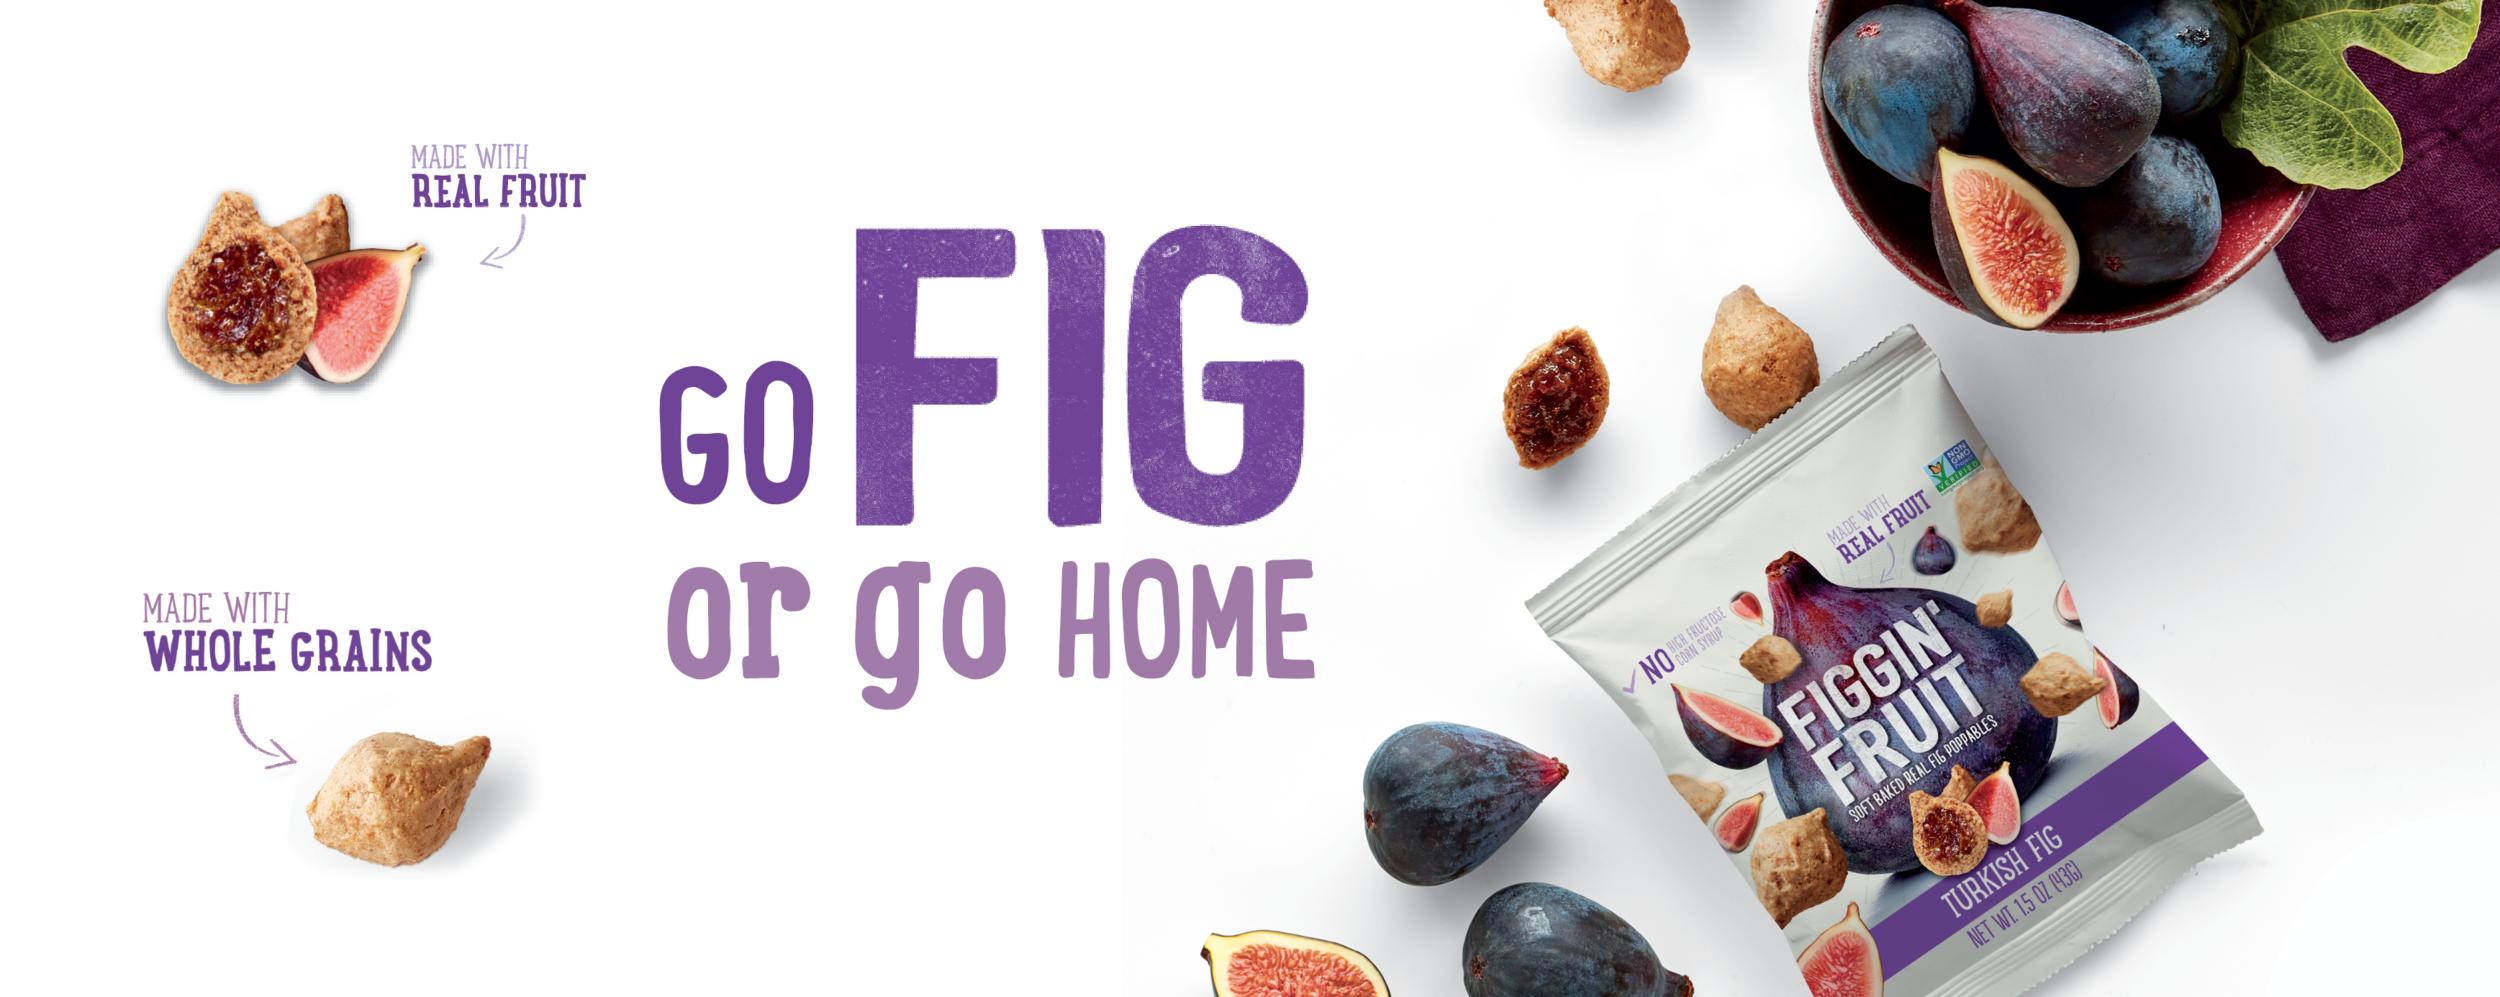 Figgin_Fruit_Case_Study-01.png